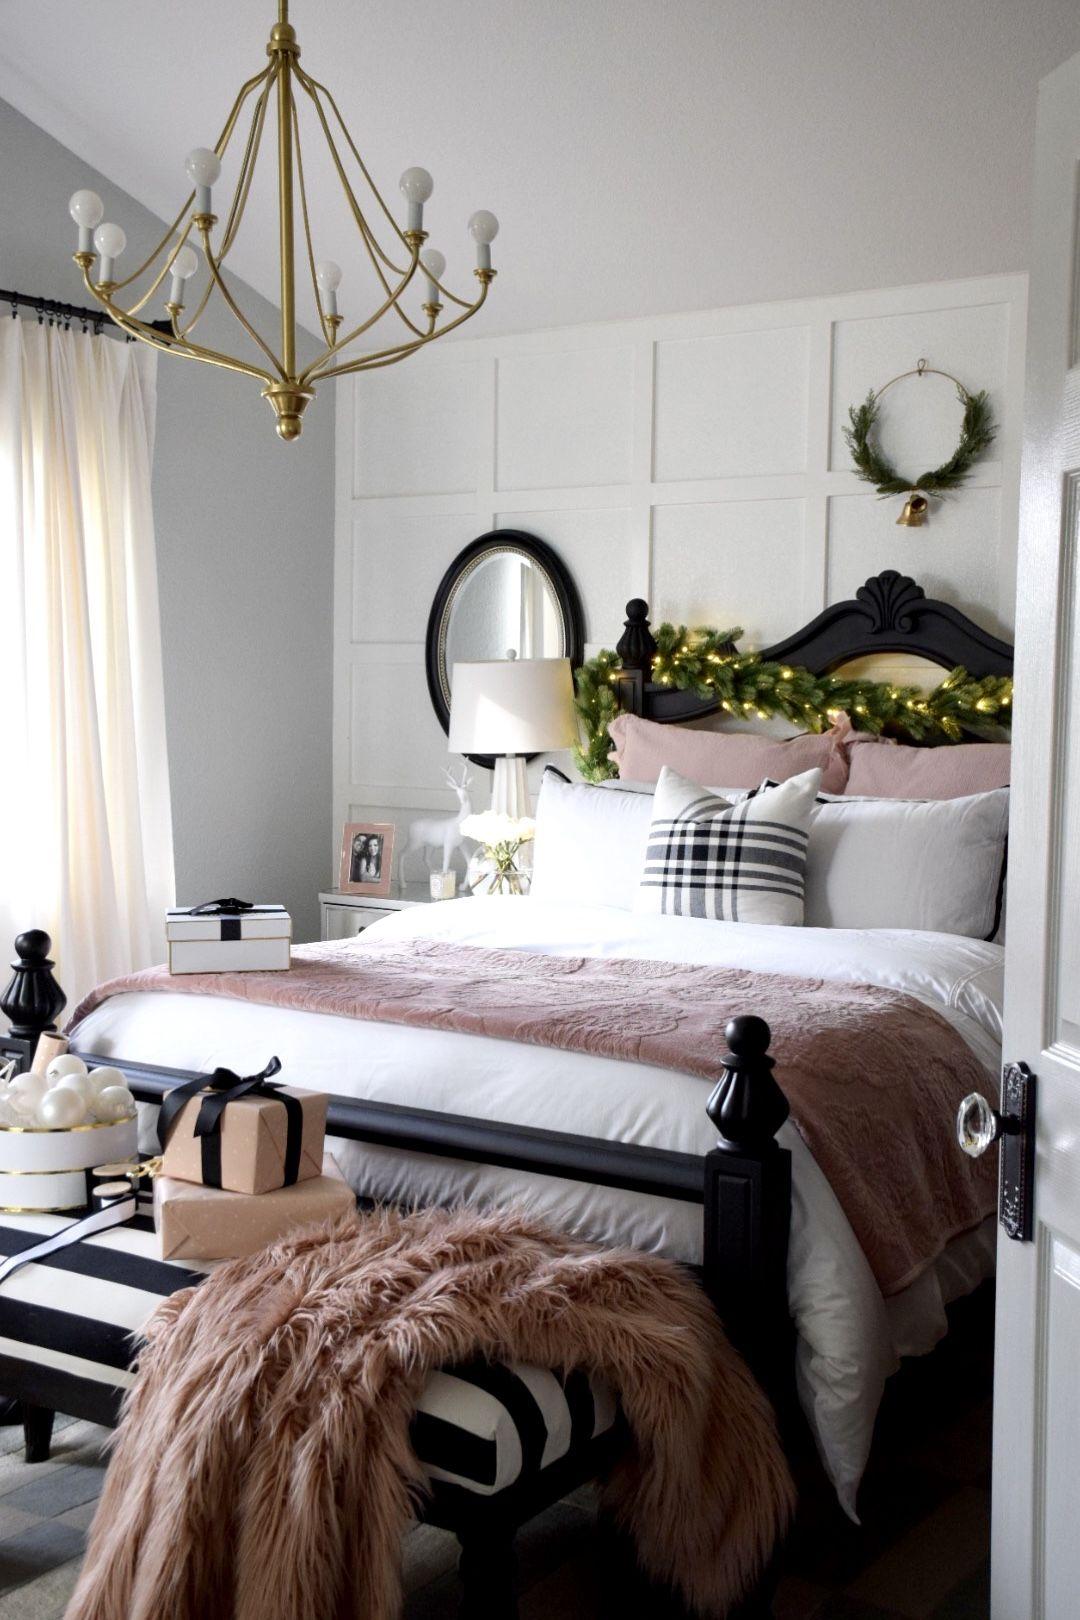 Farmhouse Bedroom Ideas Unlike many interior